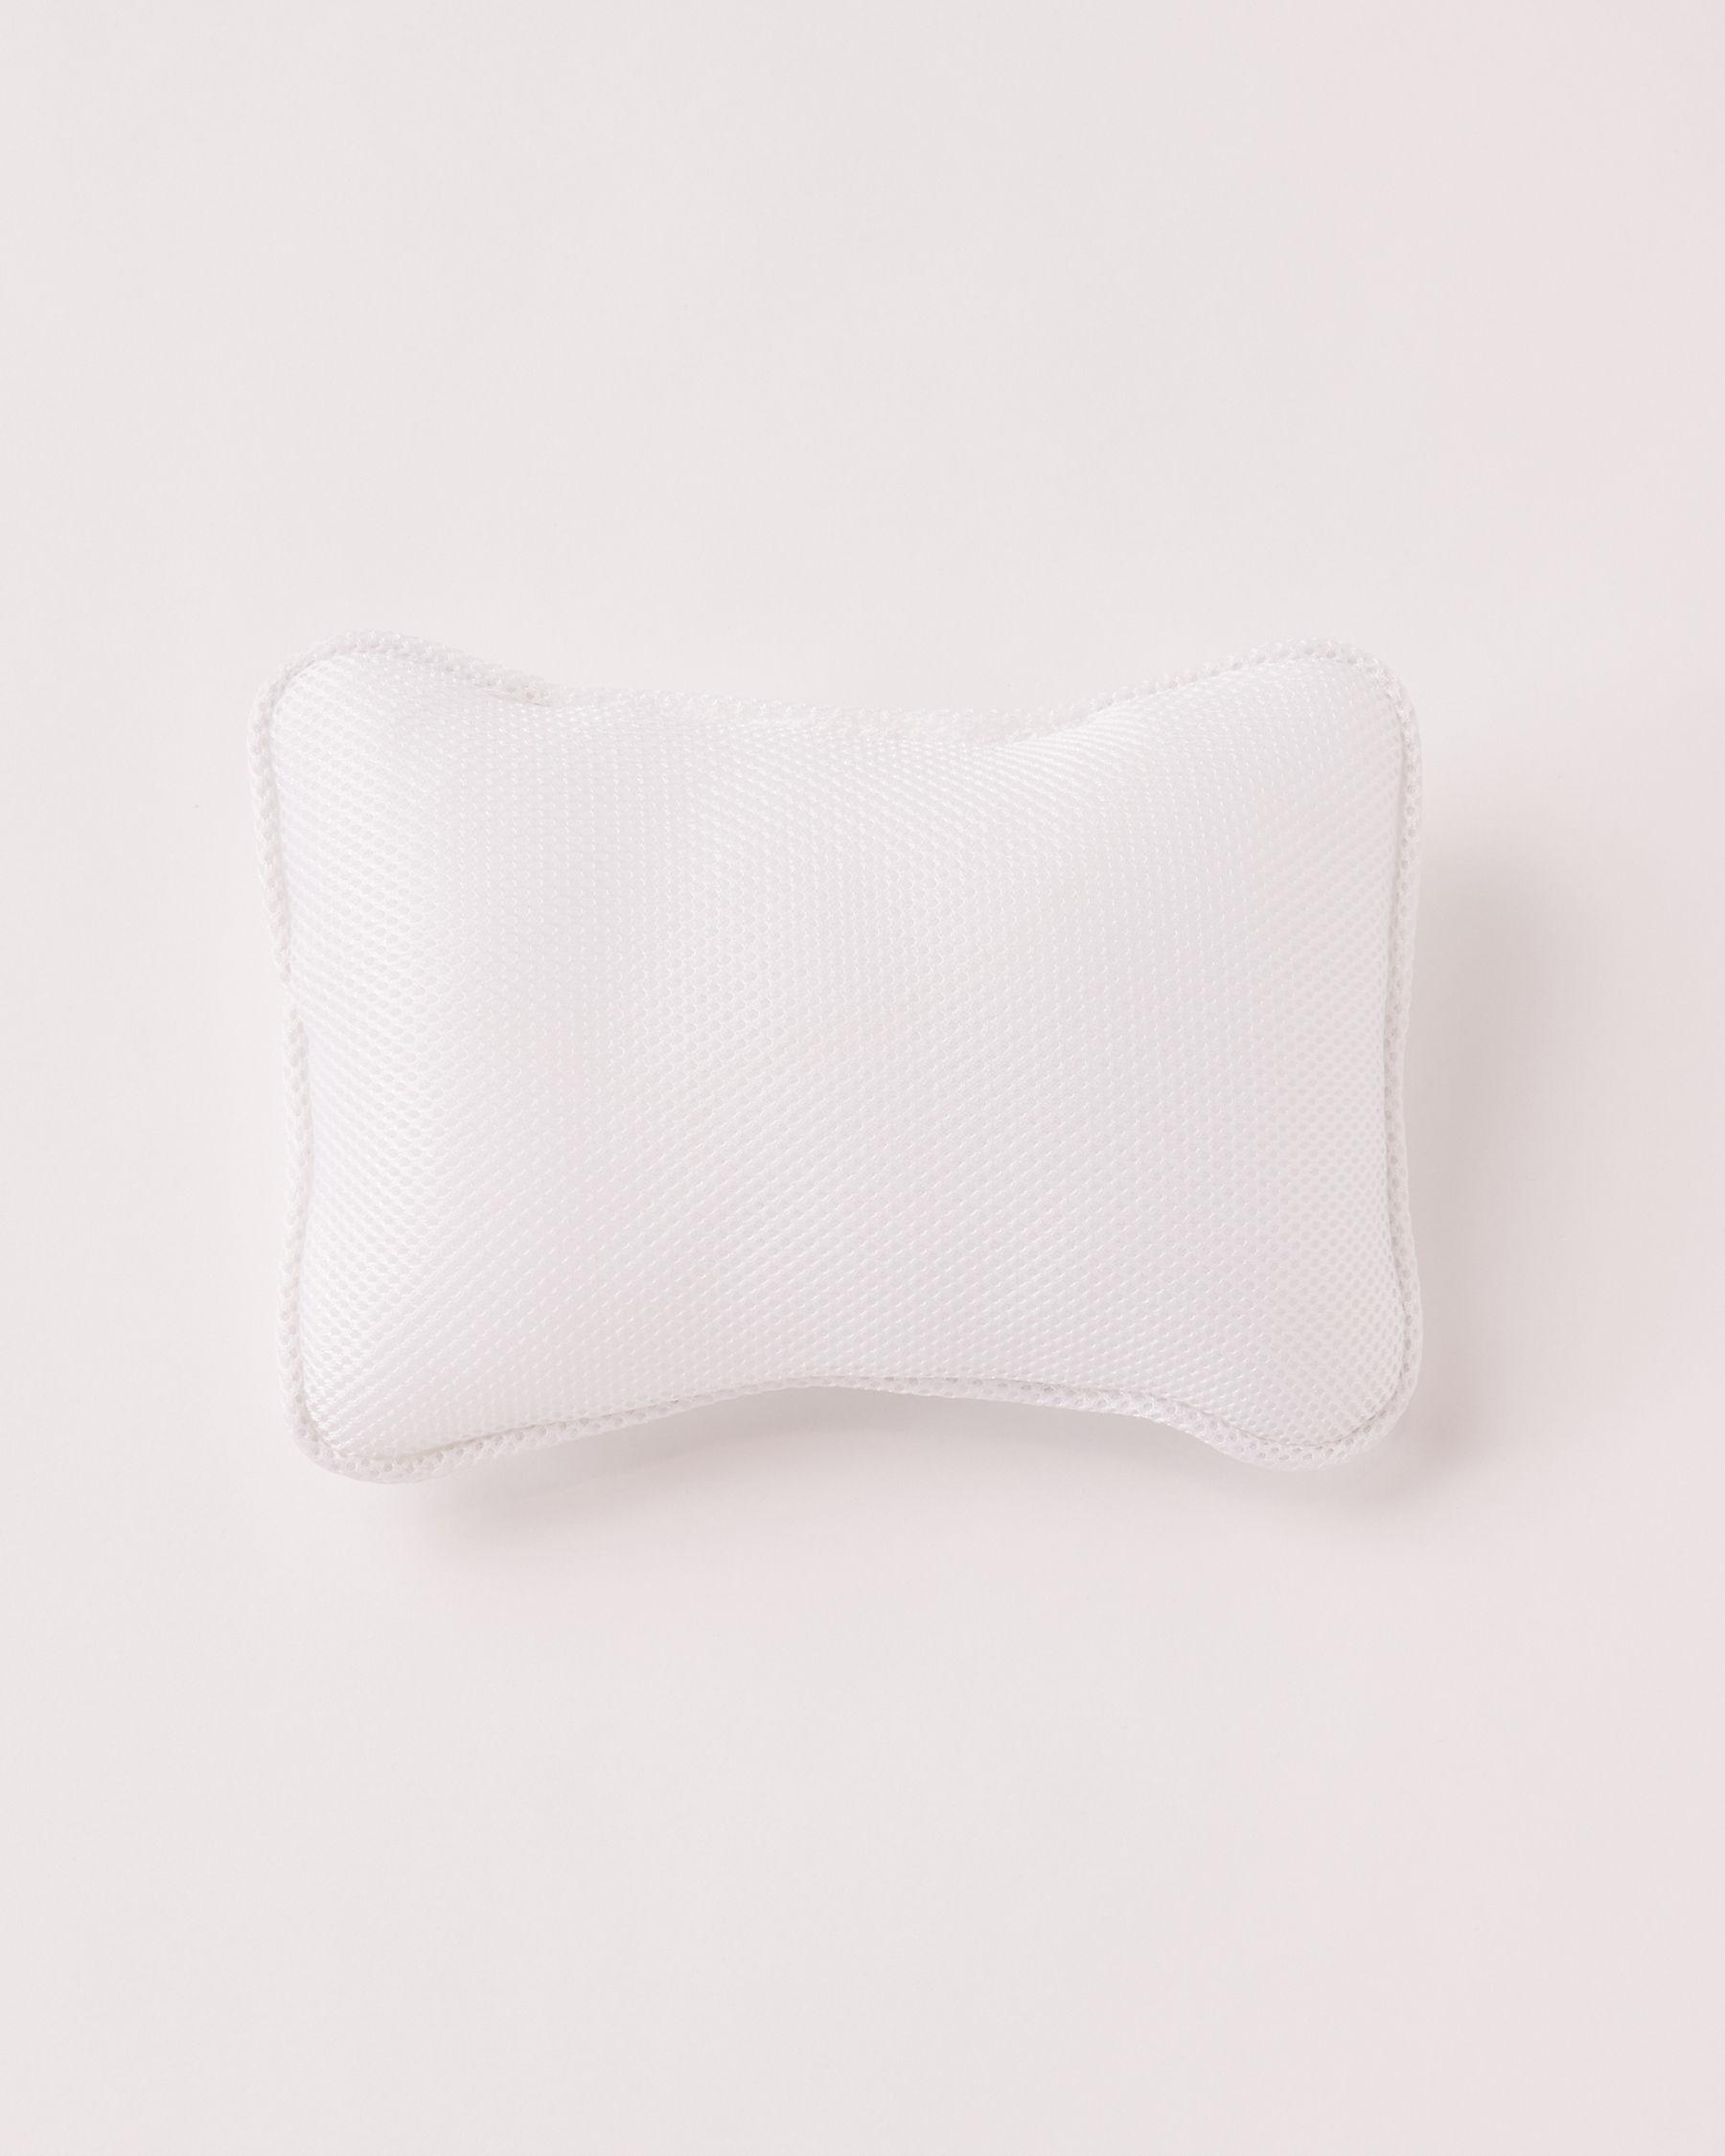 LA VIE EN ROSE Spa Bath Pillow White 992-527-0-06 - View6